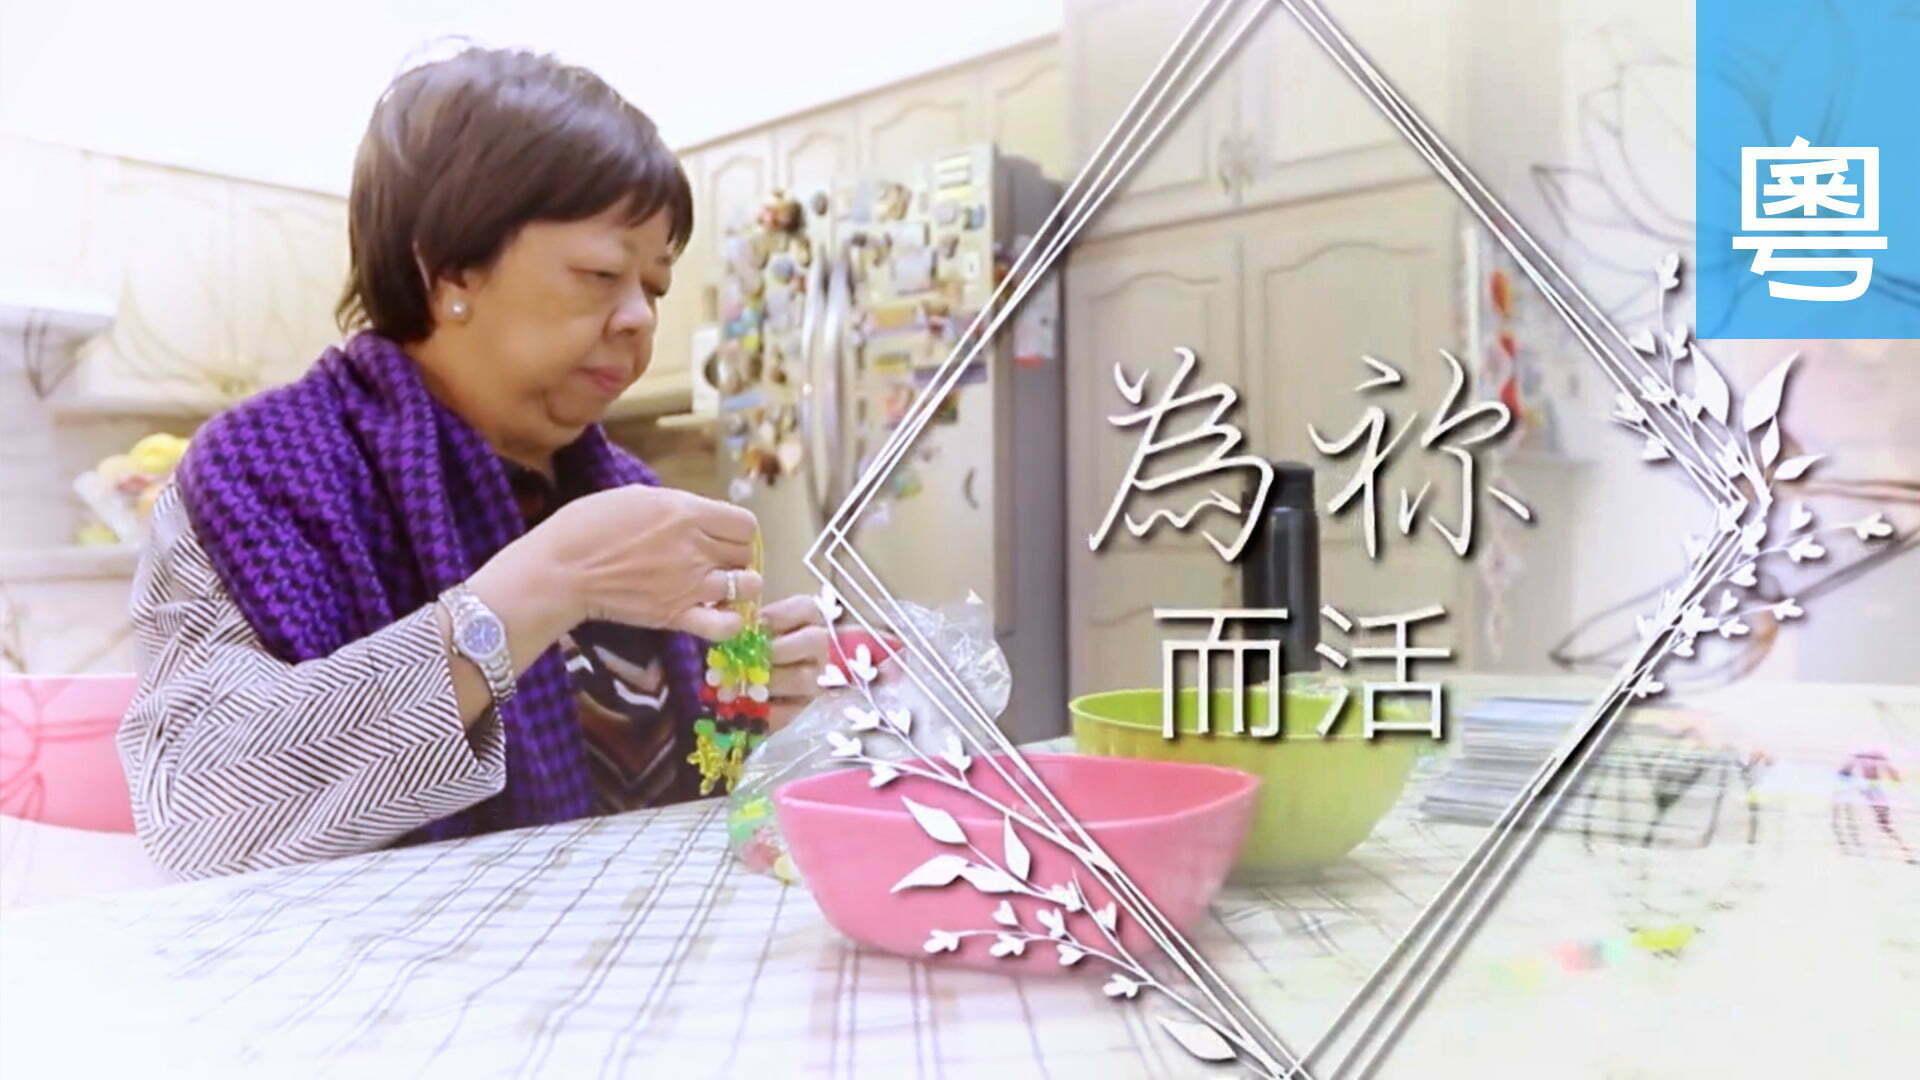 電視 阮翠珍 (為禰而活)